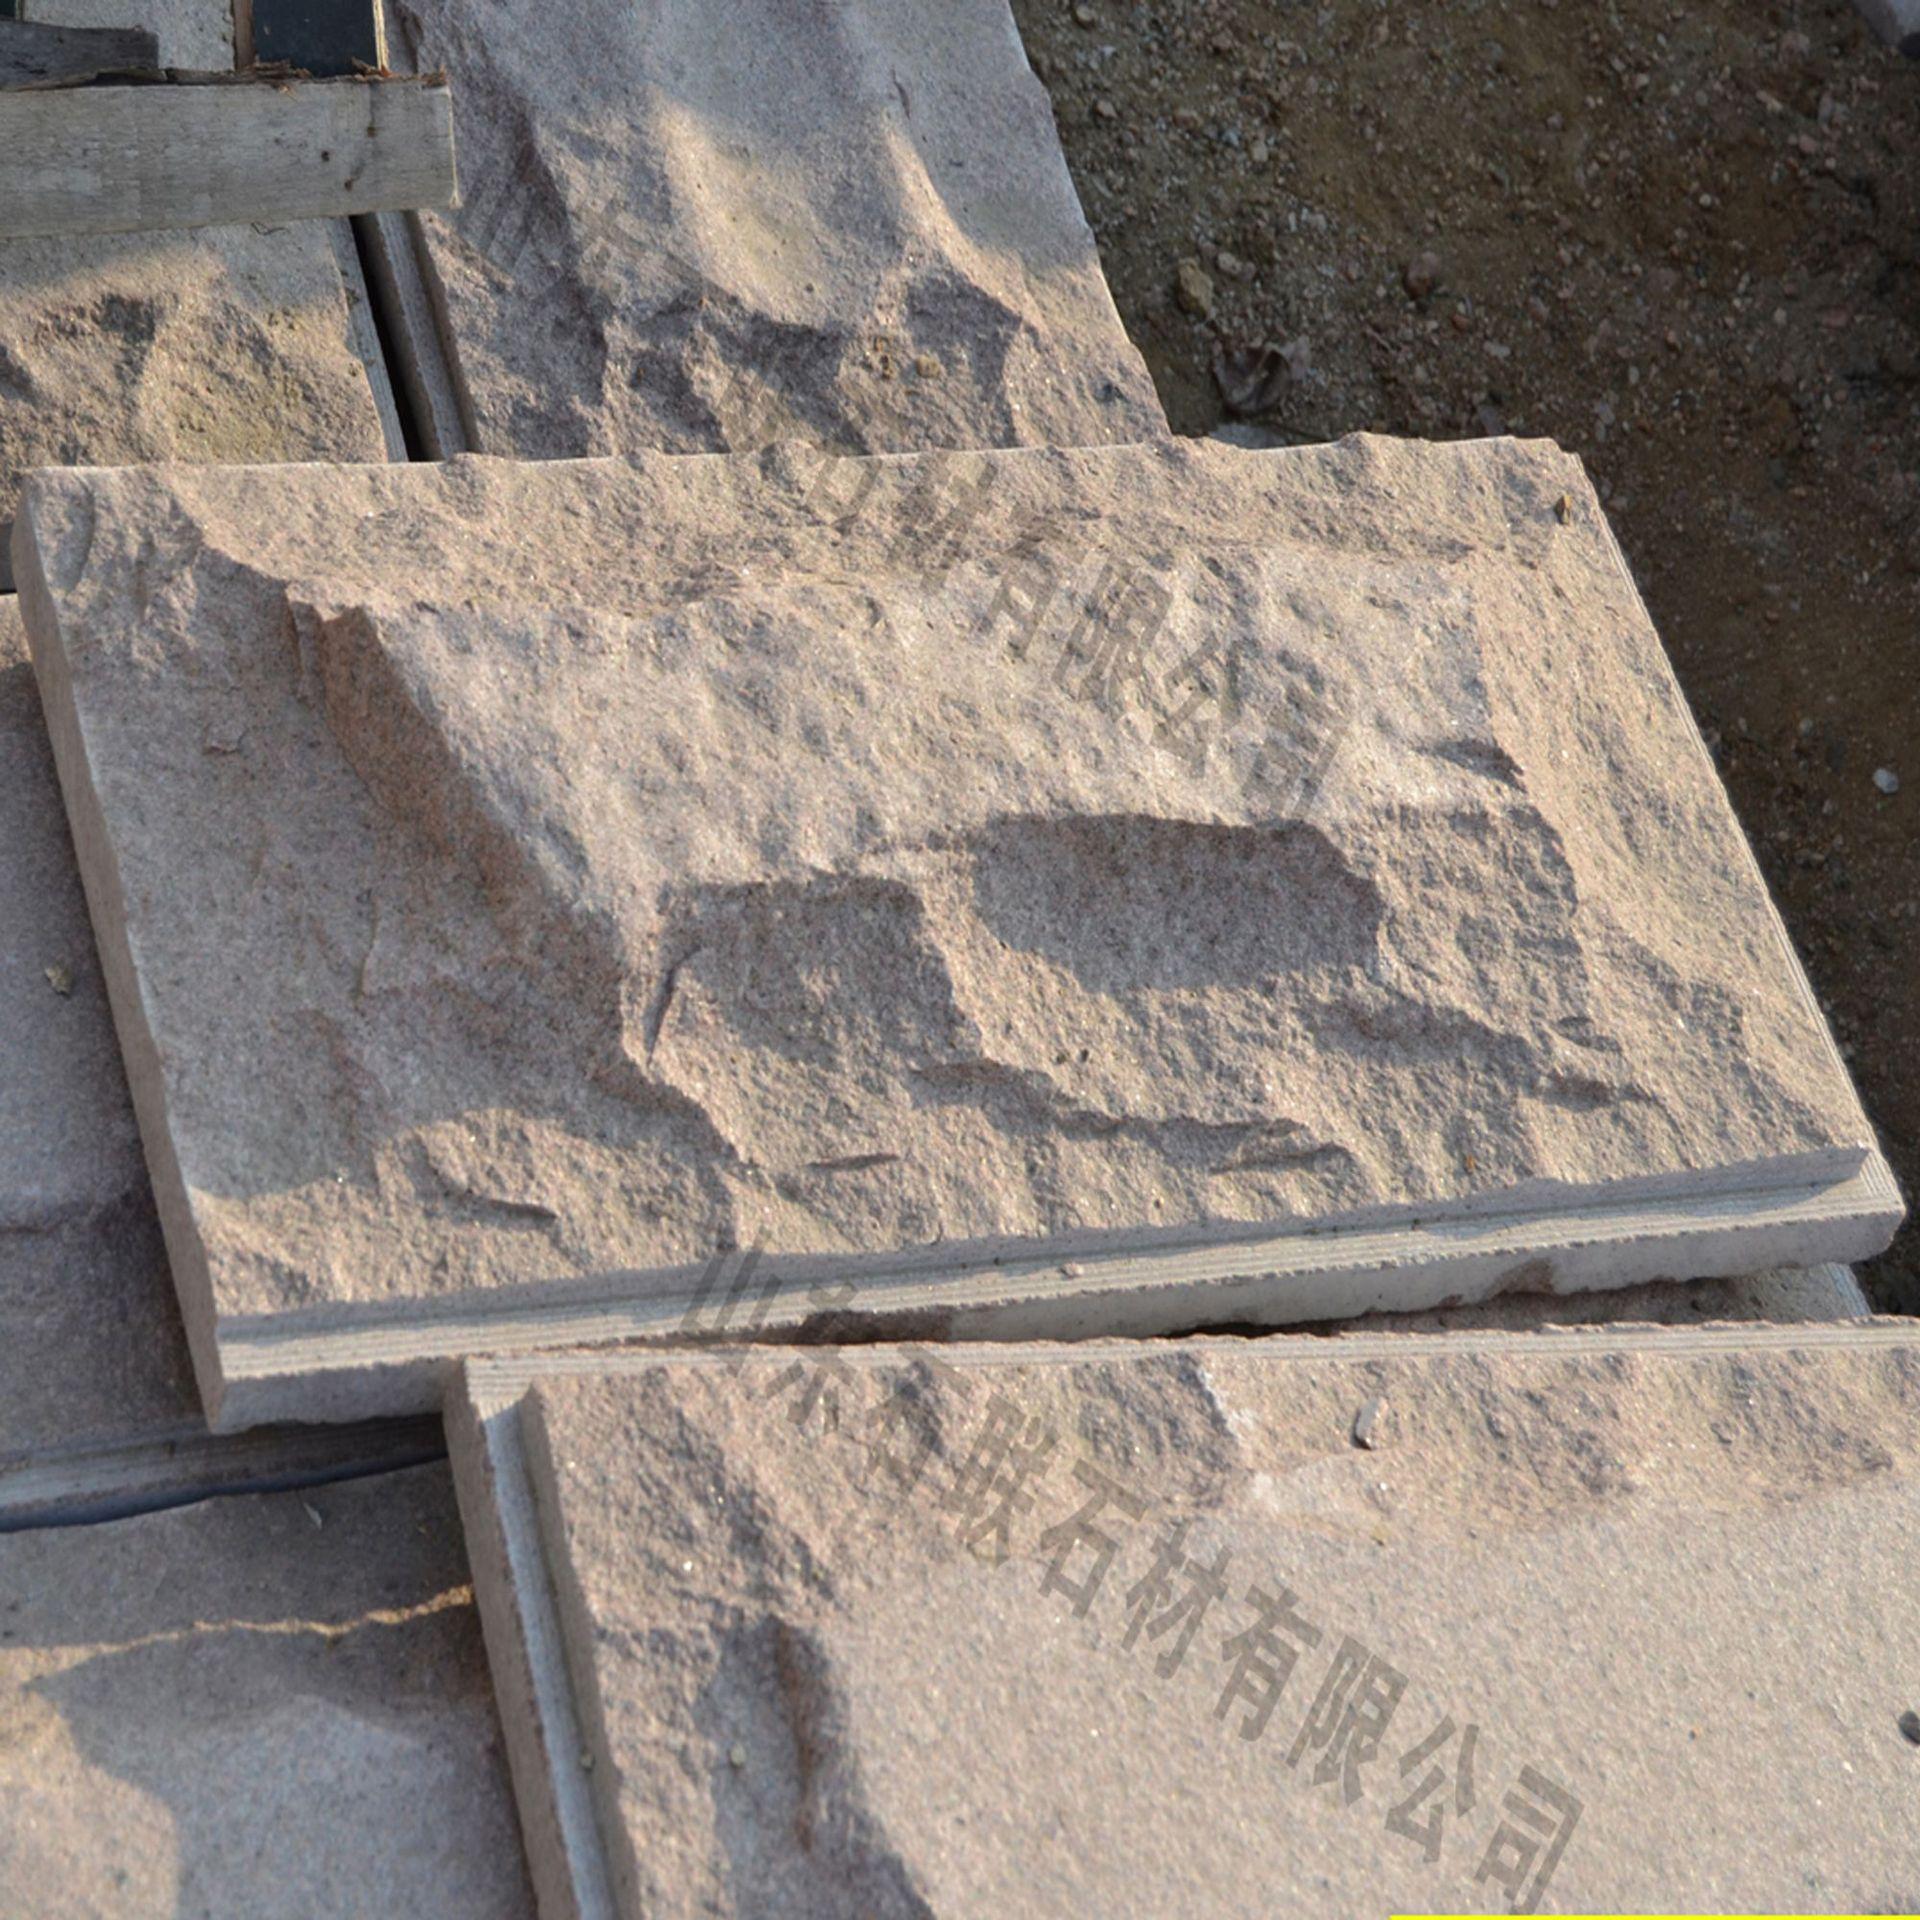 bwin国际平台网址红大理石度假酒店电视背景墙文化石公共园林区域文化石蘑菇石